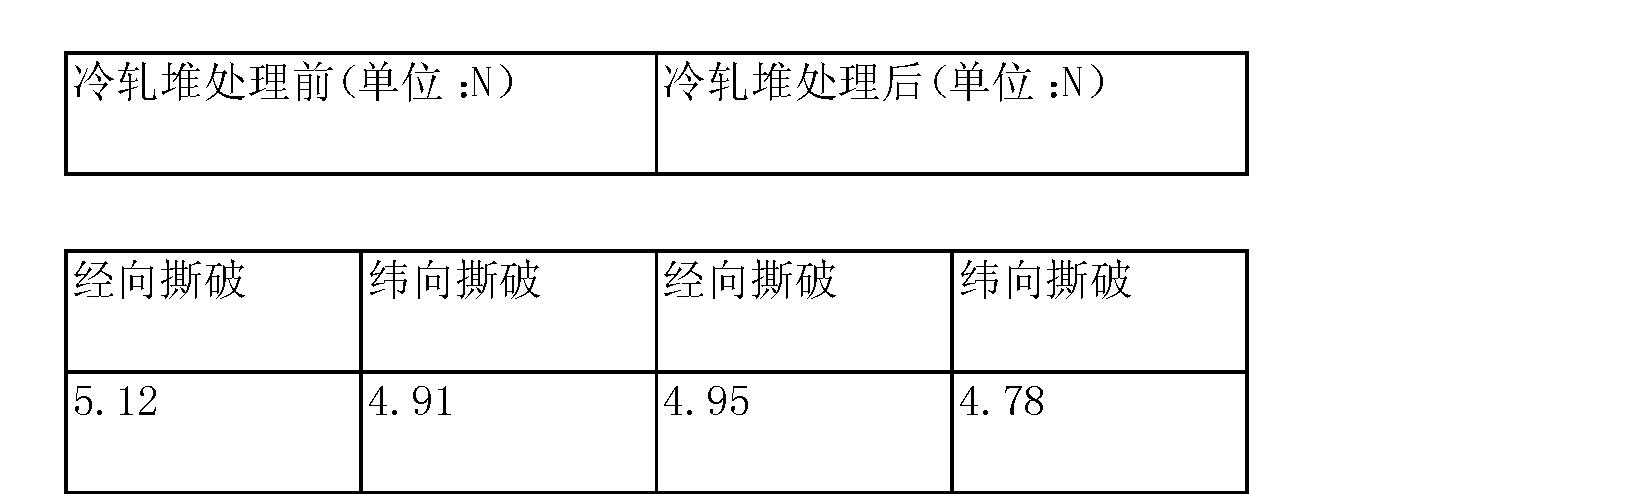 Figure CN103132349BD00052